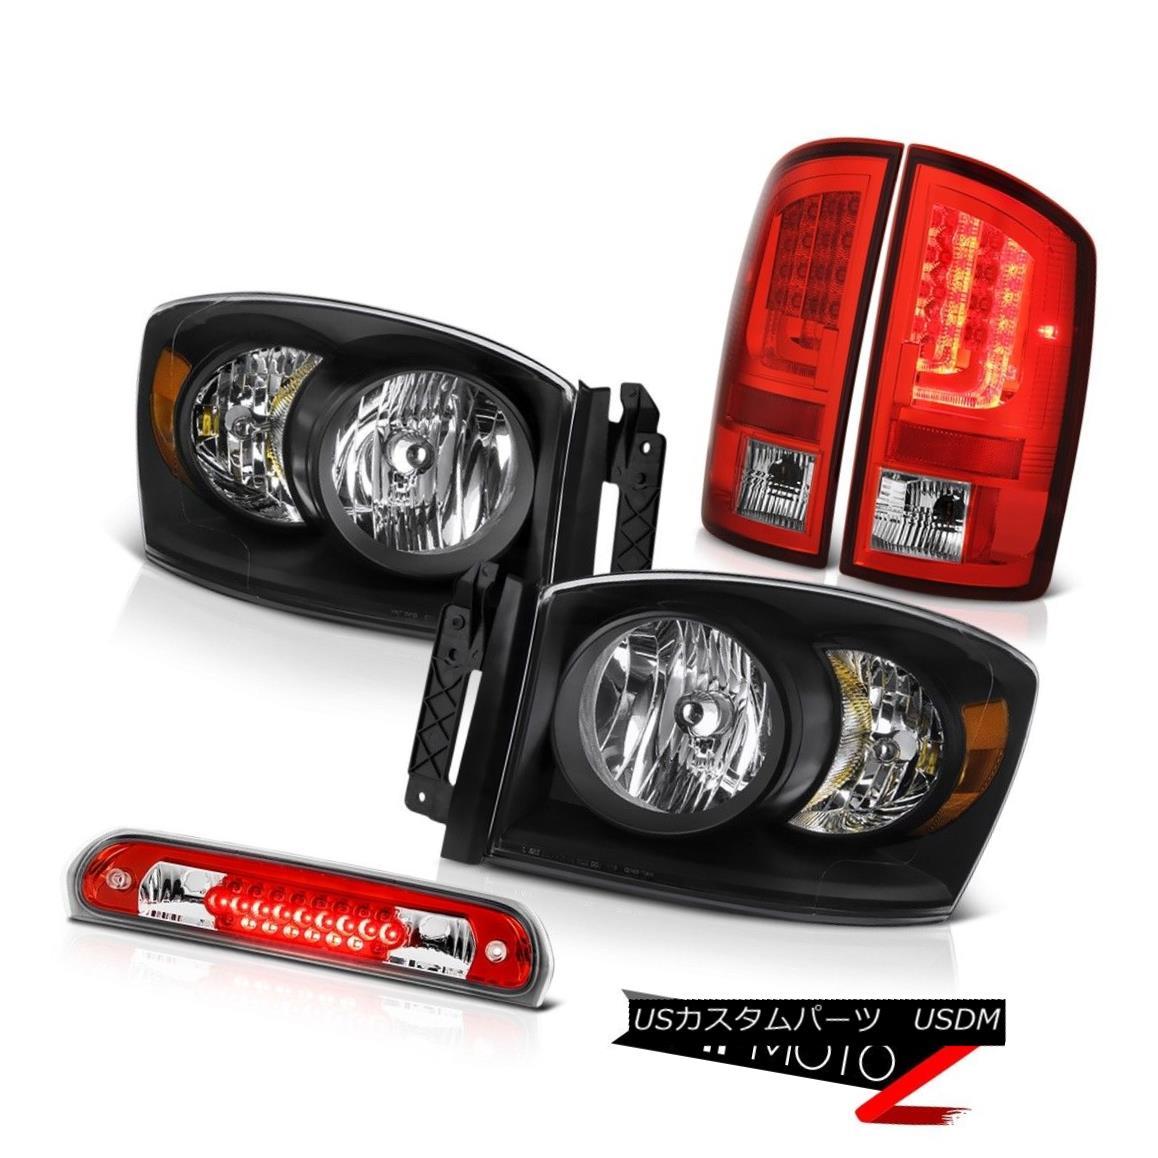 テールライト 2006 Ram WS Taillamps Headlamps Roof Brake Lamp OLED Neon Tube LED